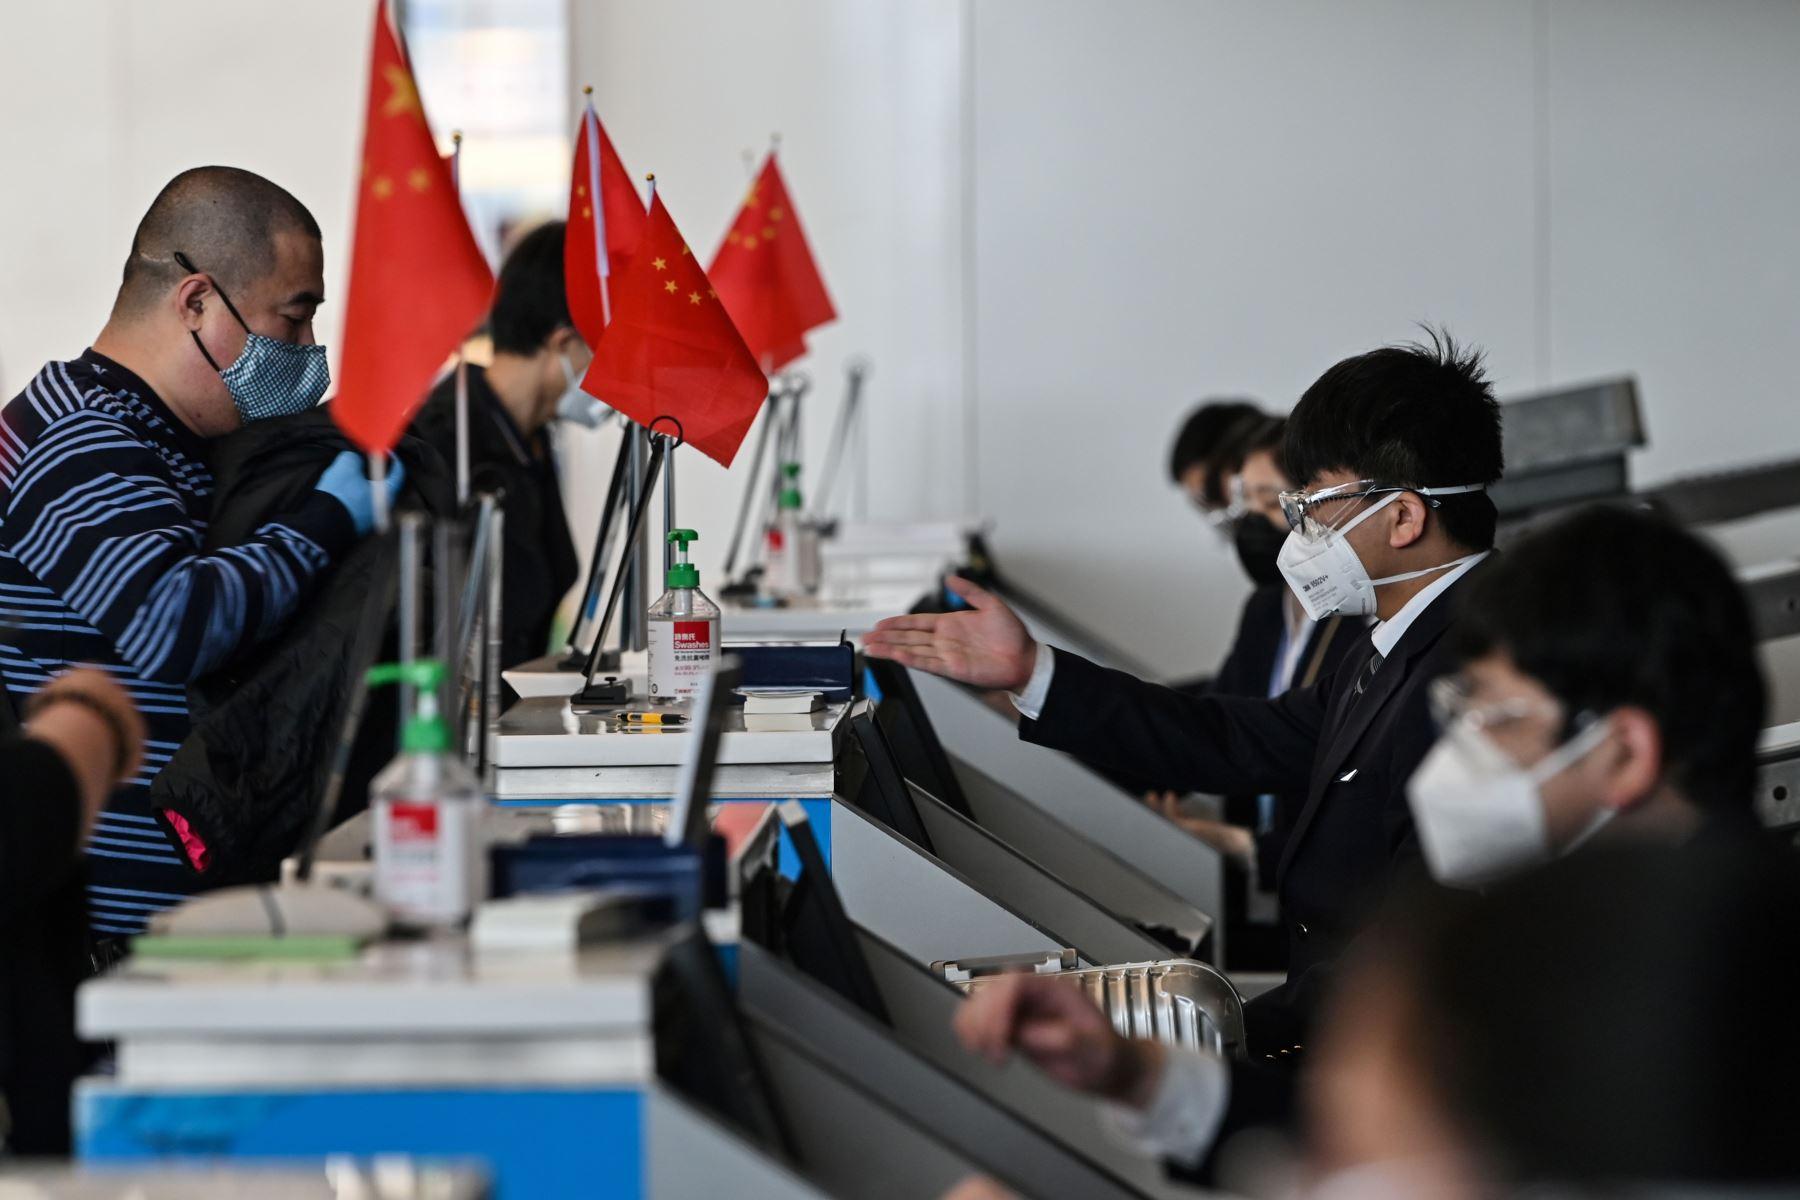 Un pasajero con una máscara facial es visto en el mostrador del aeropuerto de Tianhe después de que fue reabierto en Wuhan. Foto: AFP